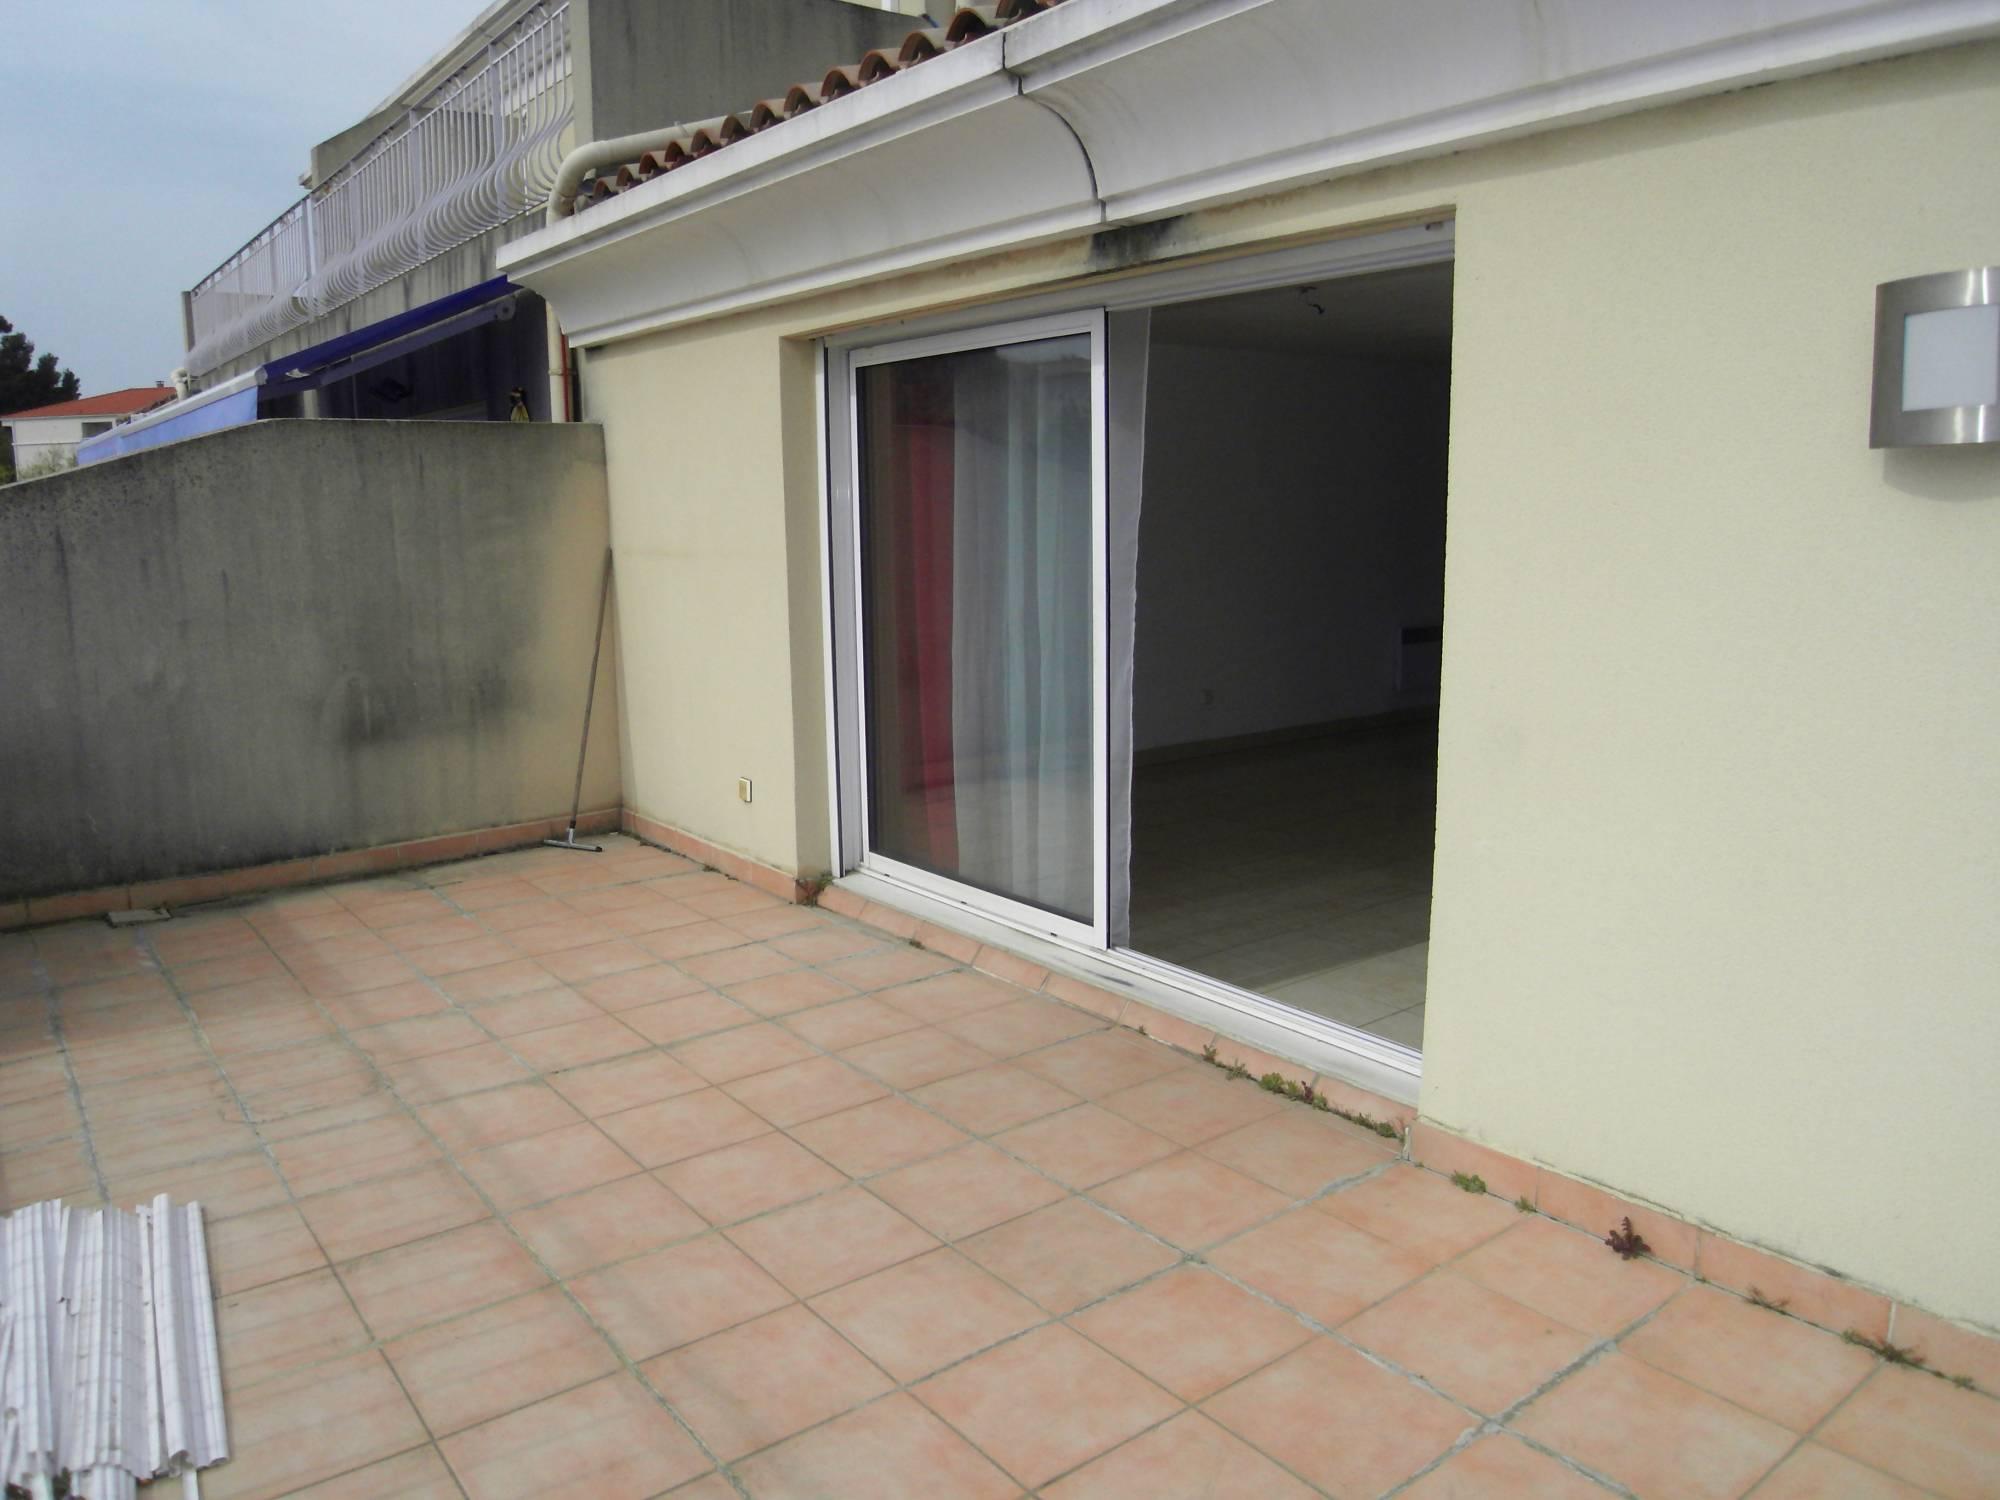 A la location 13013 Marseille appartement T2 de 55 m²